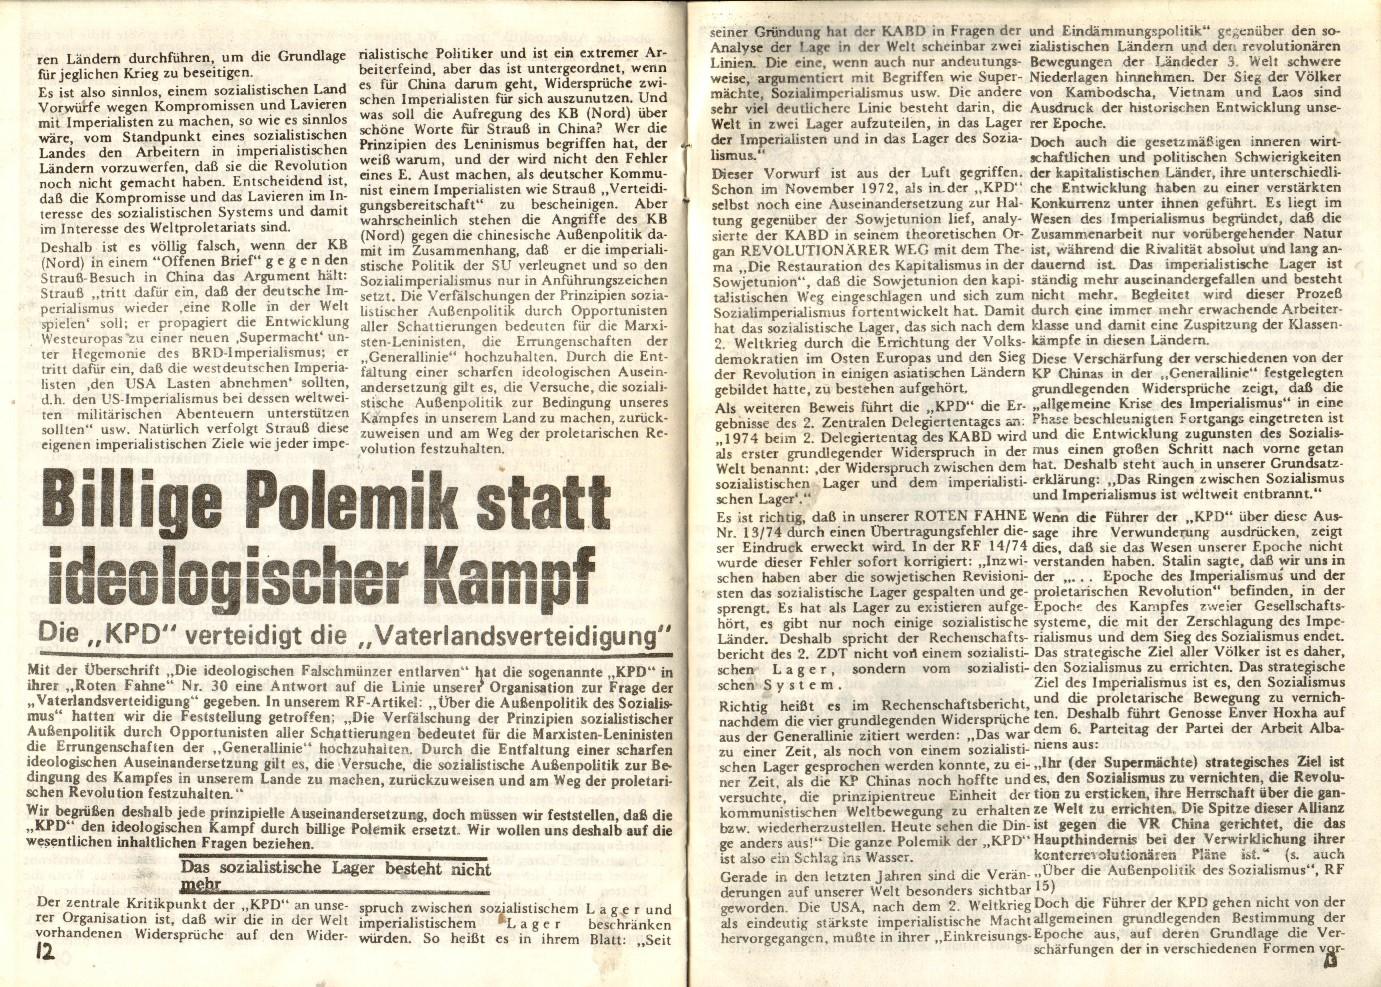 Frankfurt_KABD_1975_Kriegsgefahr_und_Klassenkampf_07